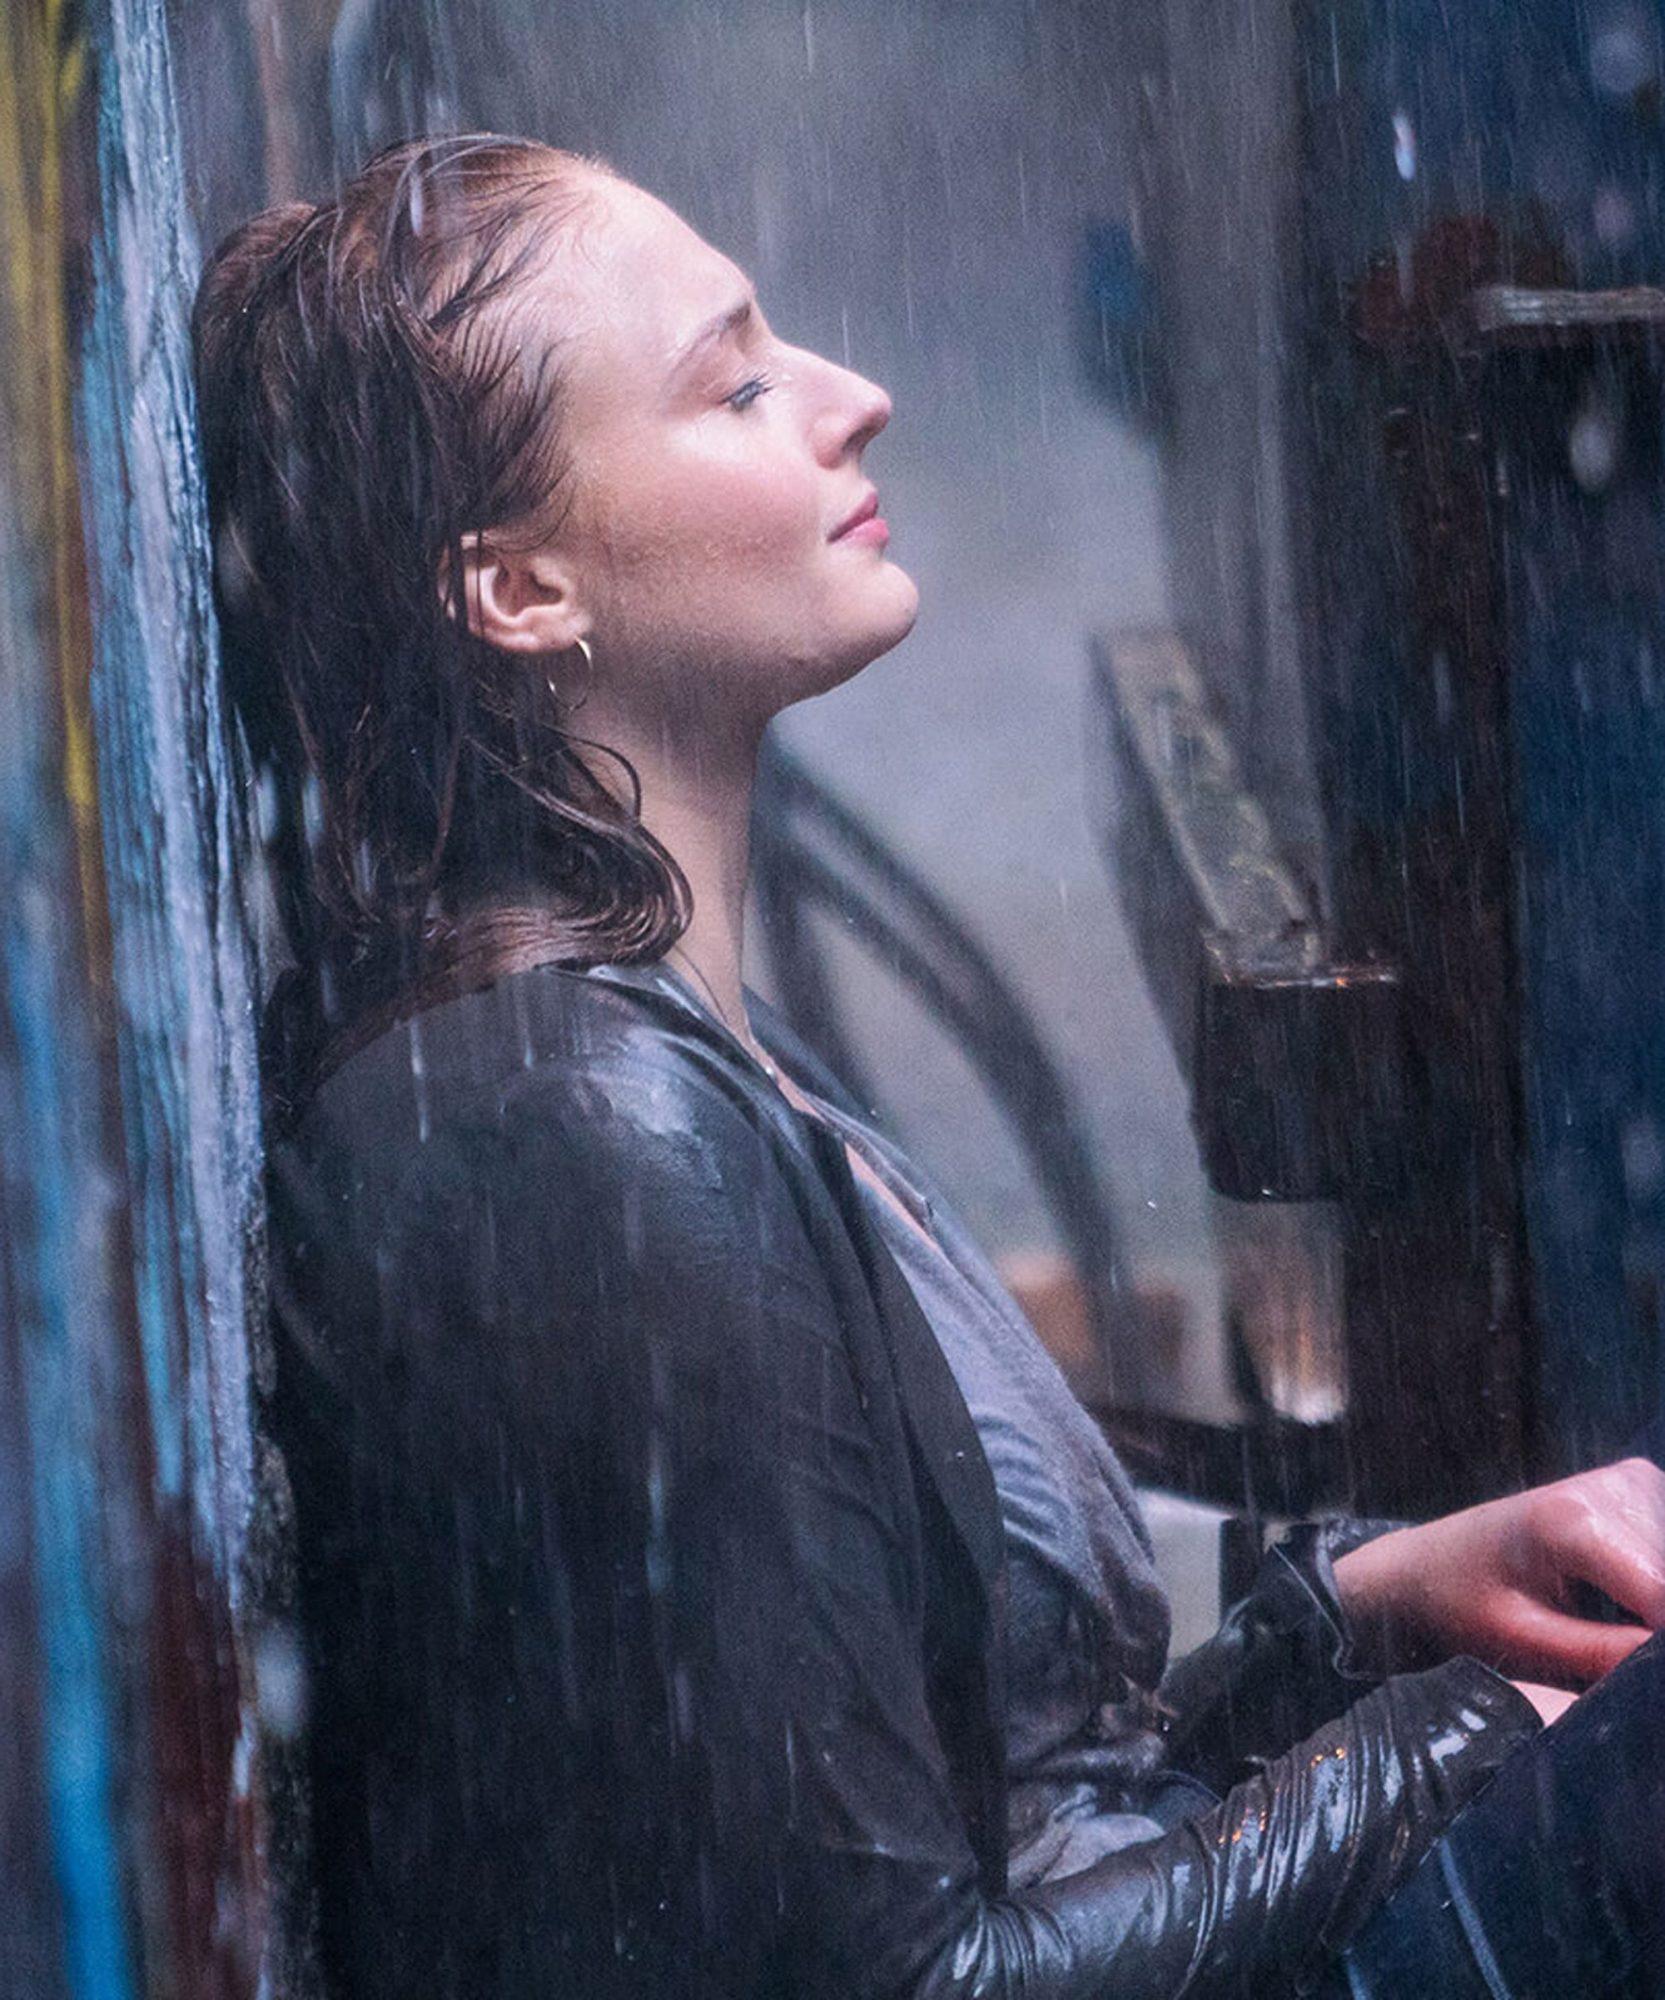 Review X-Men Dark Phoenix Sophie Turner as Jean Grey